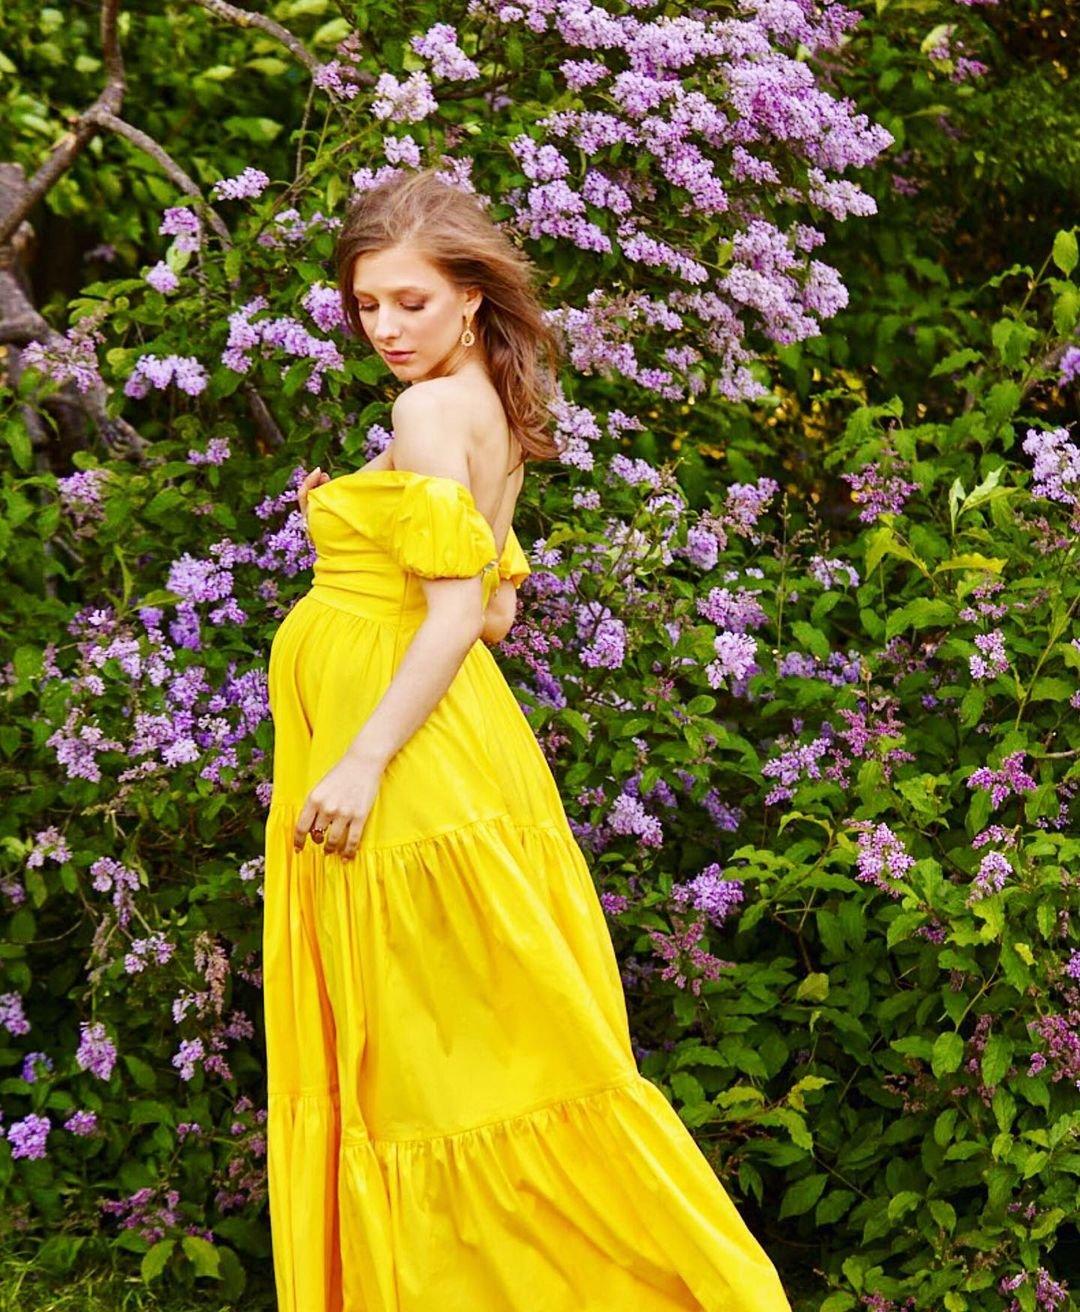 Беременная Лиза Арзамасова согласилась на фотосессию для глянца